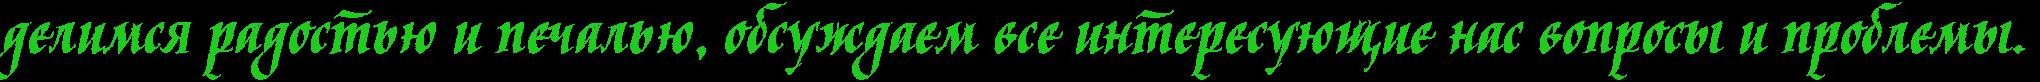 http://x-lines.ru/letters/i/cyrillicscript/0312/20cc1e/60/0/4n4pbpqozxemtwfh4gy7dd3y4gypbcgosuem7wcb4gbpddgttaopbqby4n97bpqto9embwf54ggpddtcrdem7wft4gy7dy6os5emjwfo4n47bxby4n3pdyqoswopbqgozzeafwfi4gypbpqto8ea8wcq4gr7bqgoswopbxqosdeanegosmem7wf94gypbxsto8easegozyopbx6todem7wft4n77bpqozueasmo.png